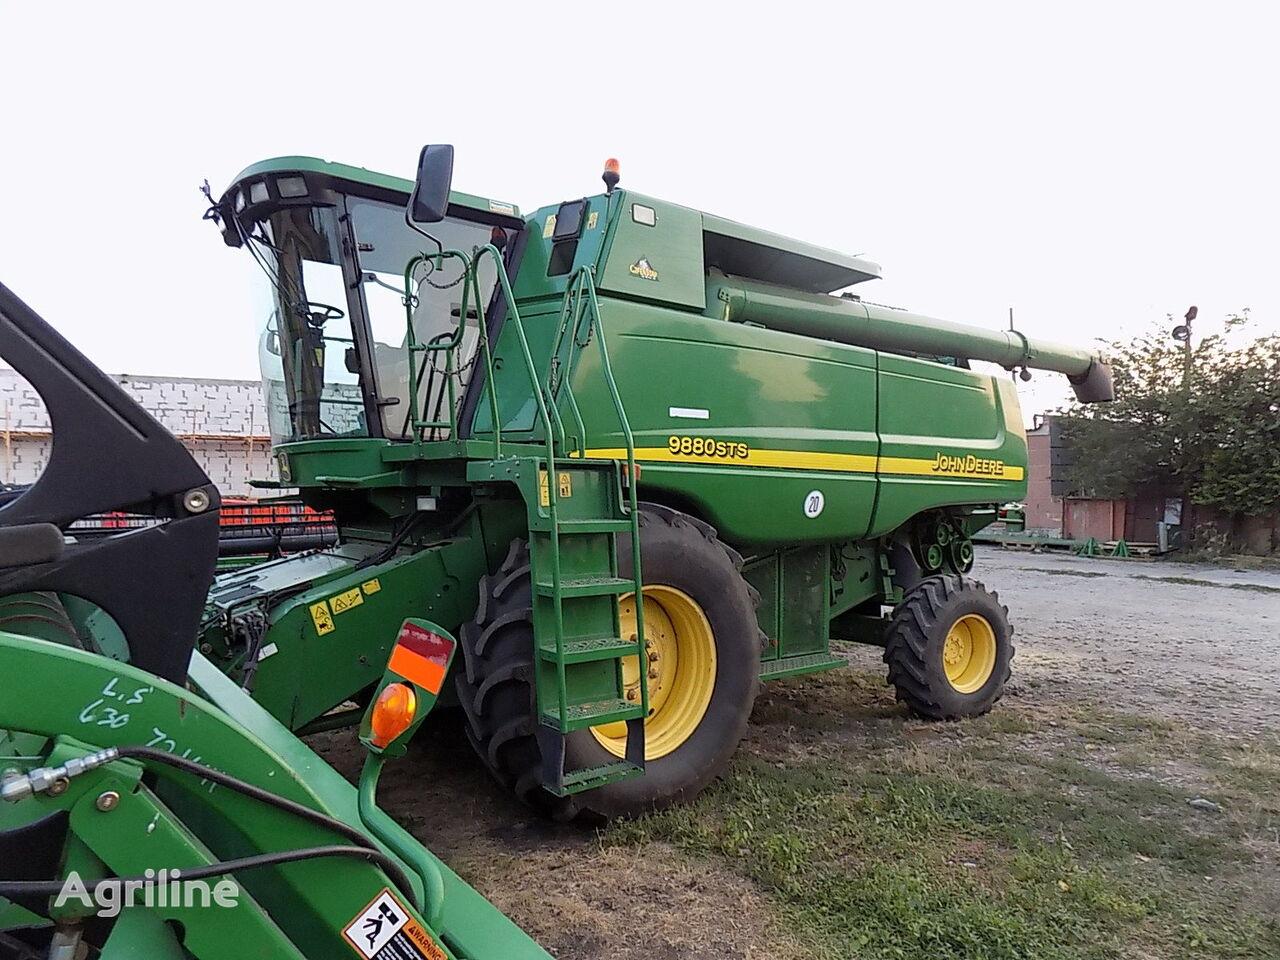 ماكينة حصادة دراسة JOHN DEERE STS 9880 9660 NA RAZBORKE